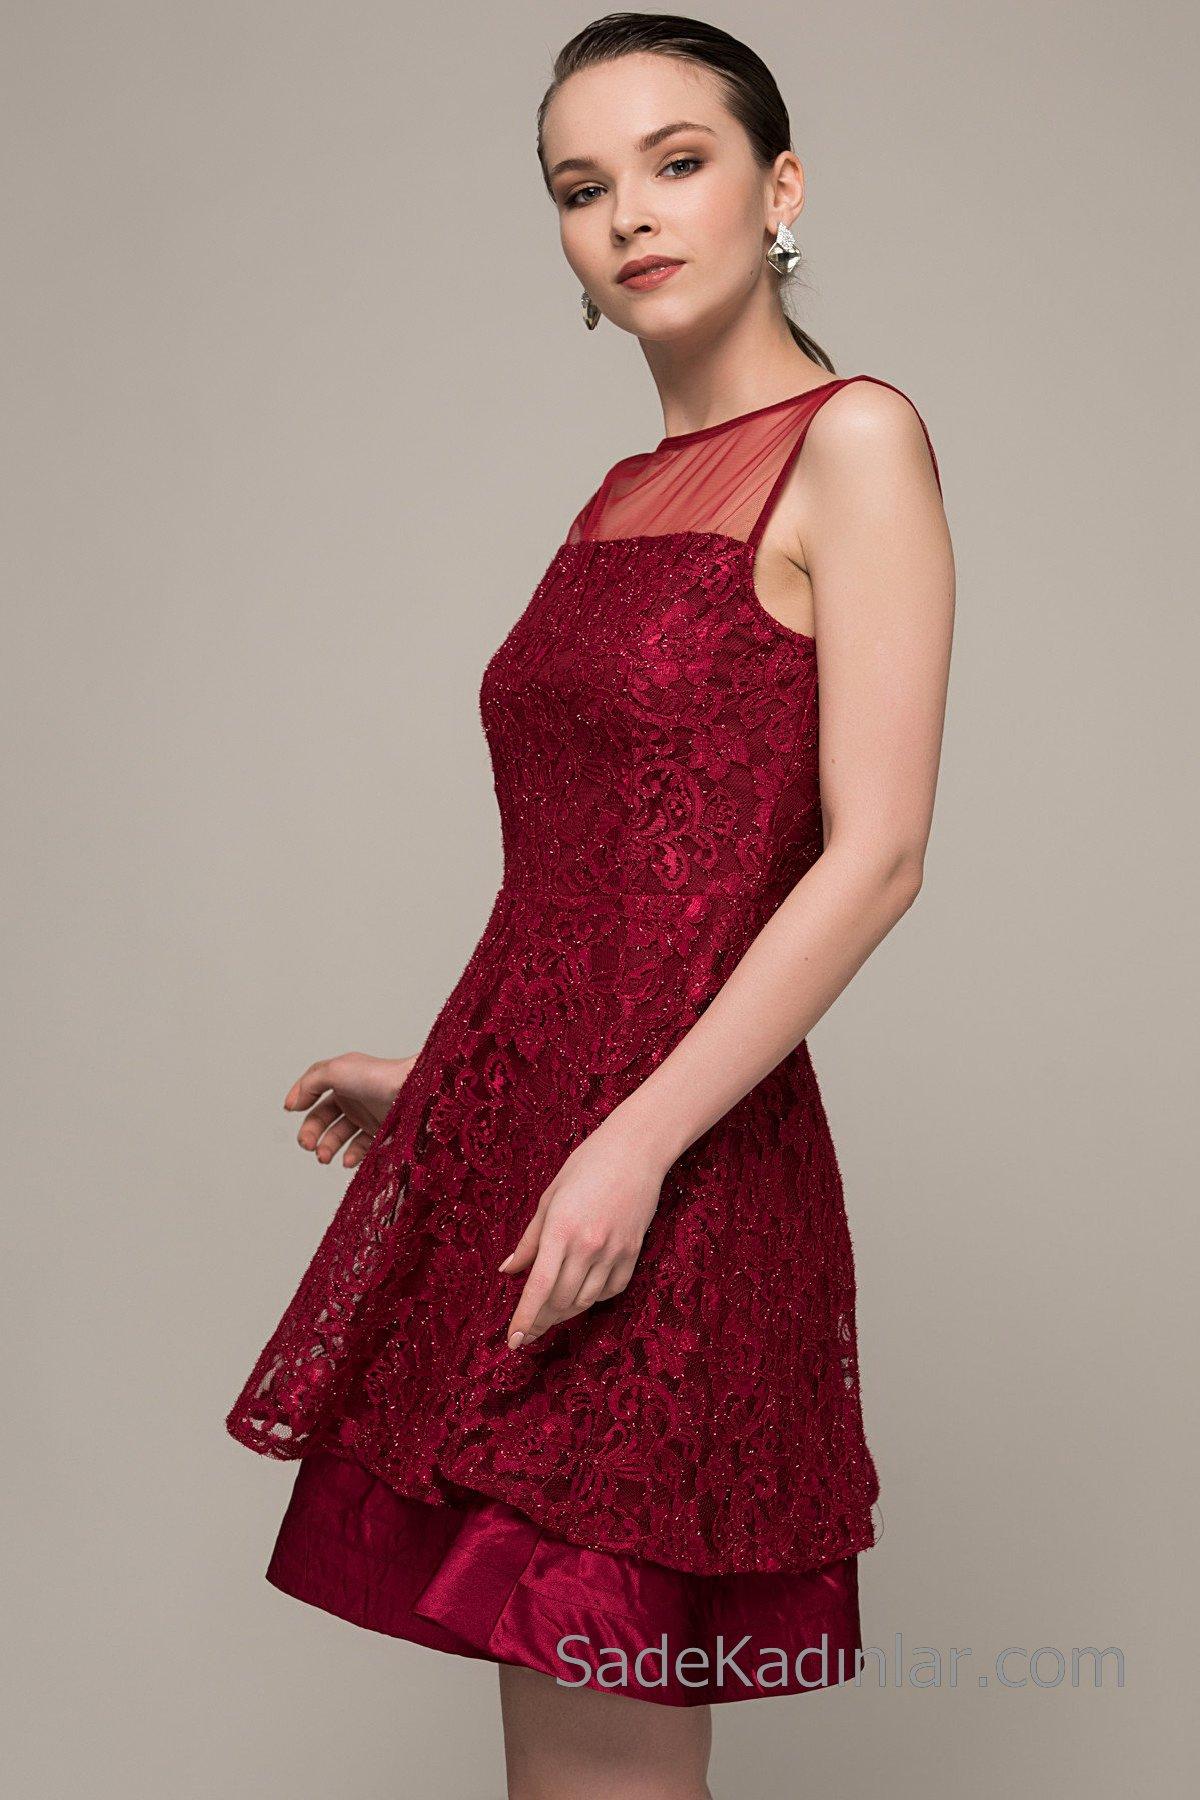 Dantel Elbise Modelleri Bordo Kısa Kolsuz Saten Detaylı